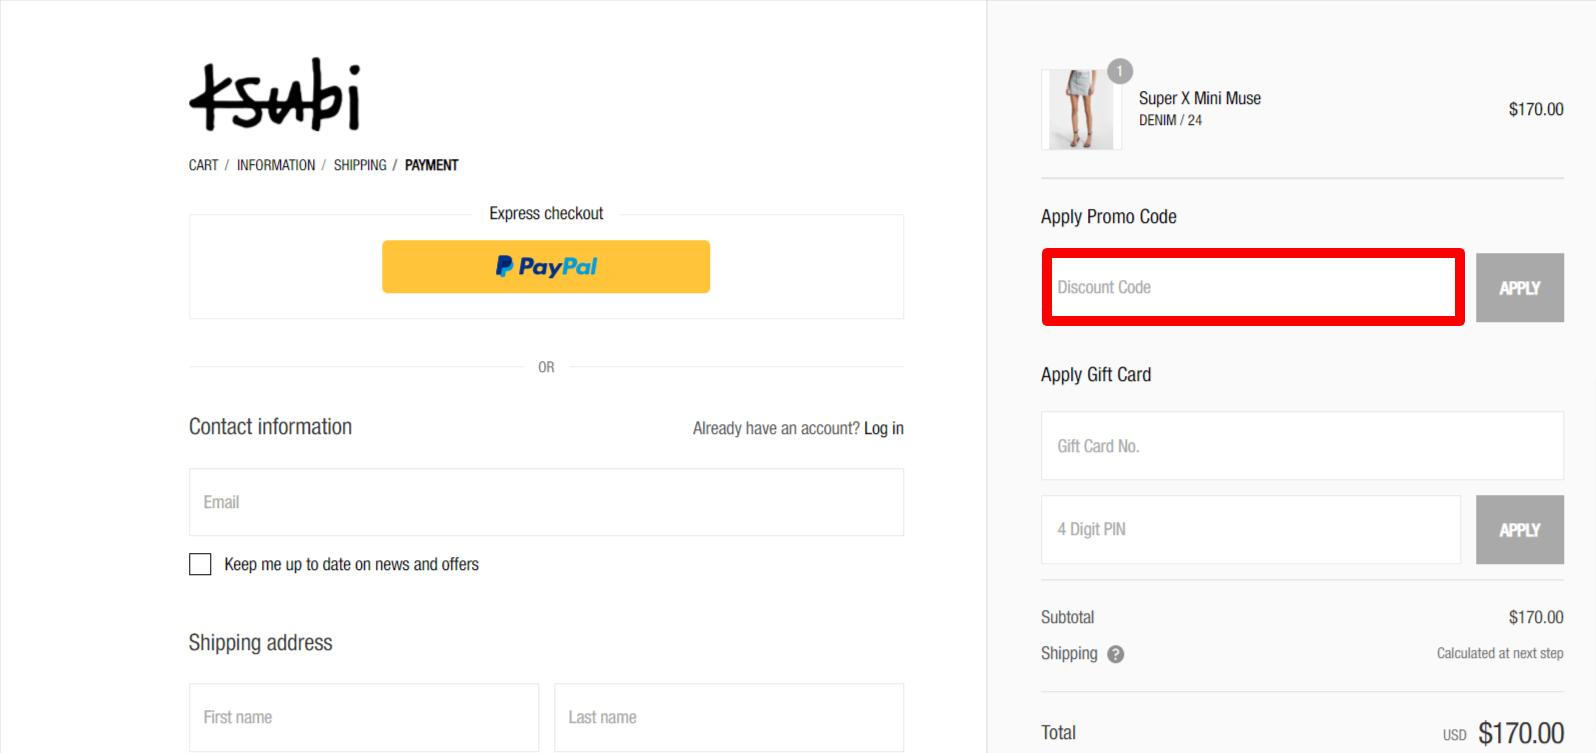 Ksubi Discount Code AU Site